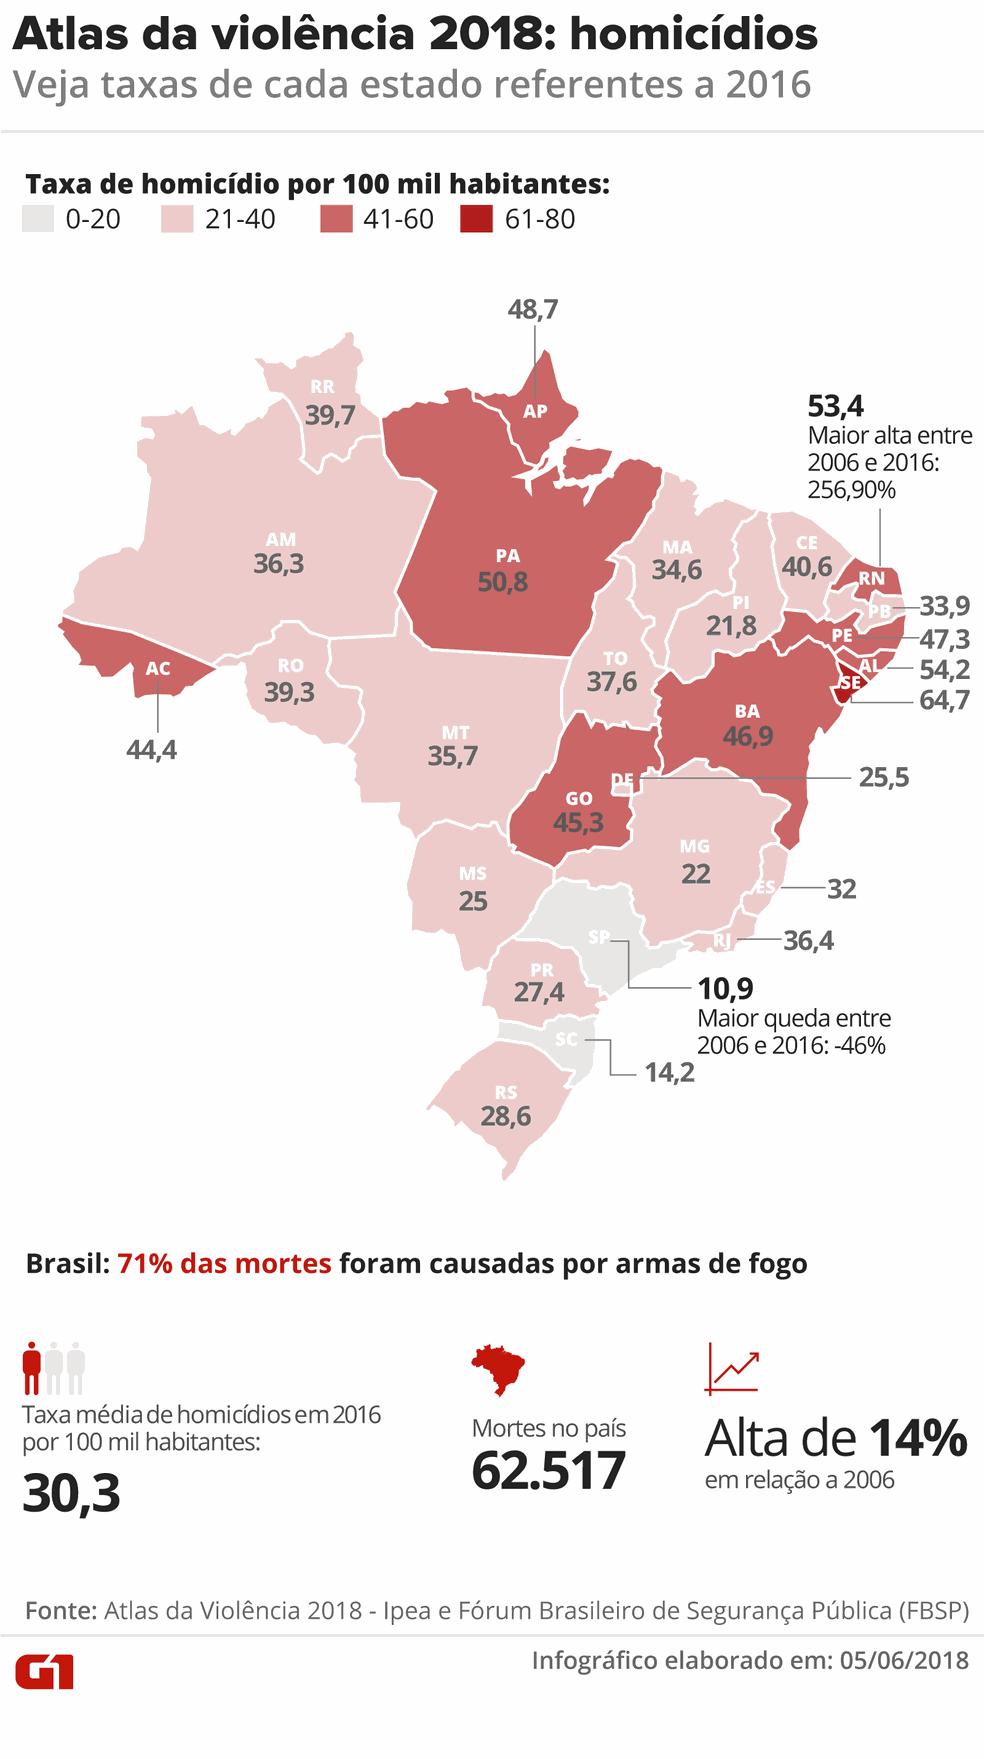 Atlas da violência 2018: homicídios (Foto: Juliane Monteiro/G1)